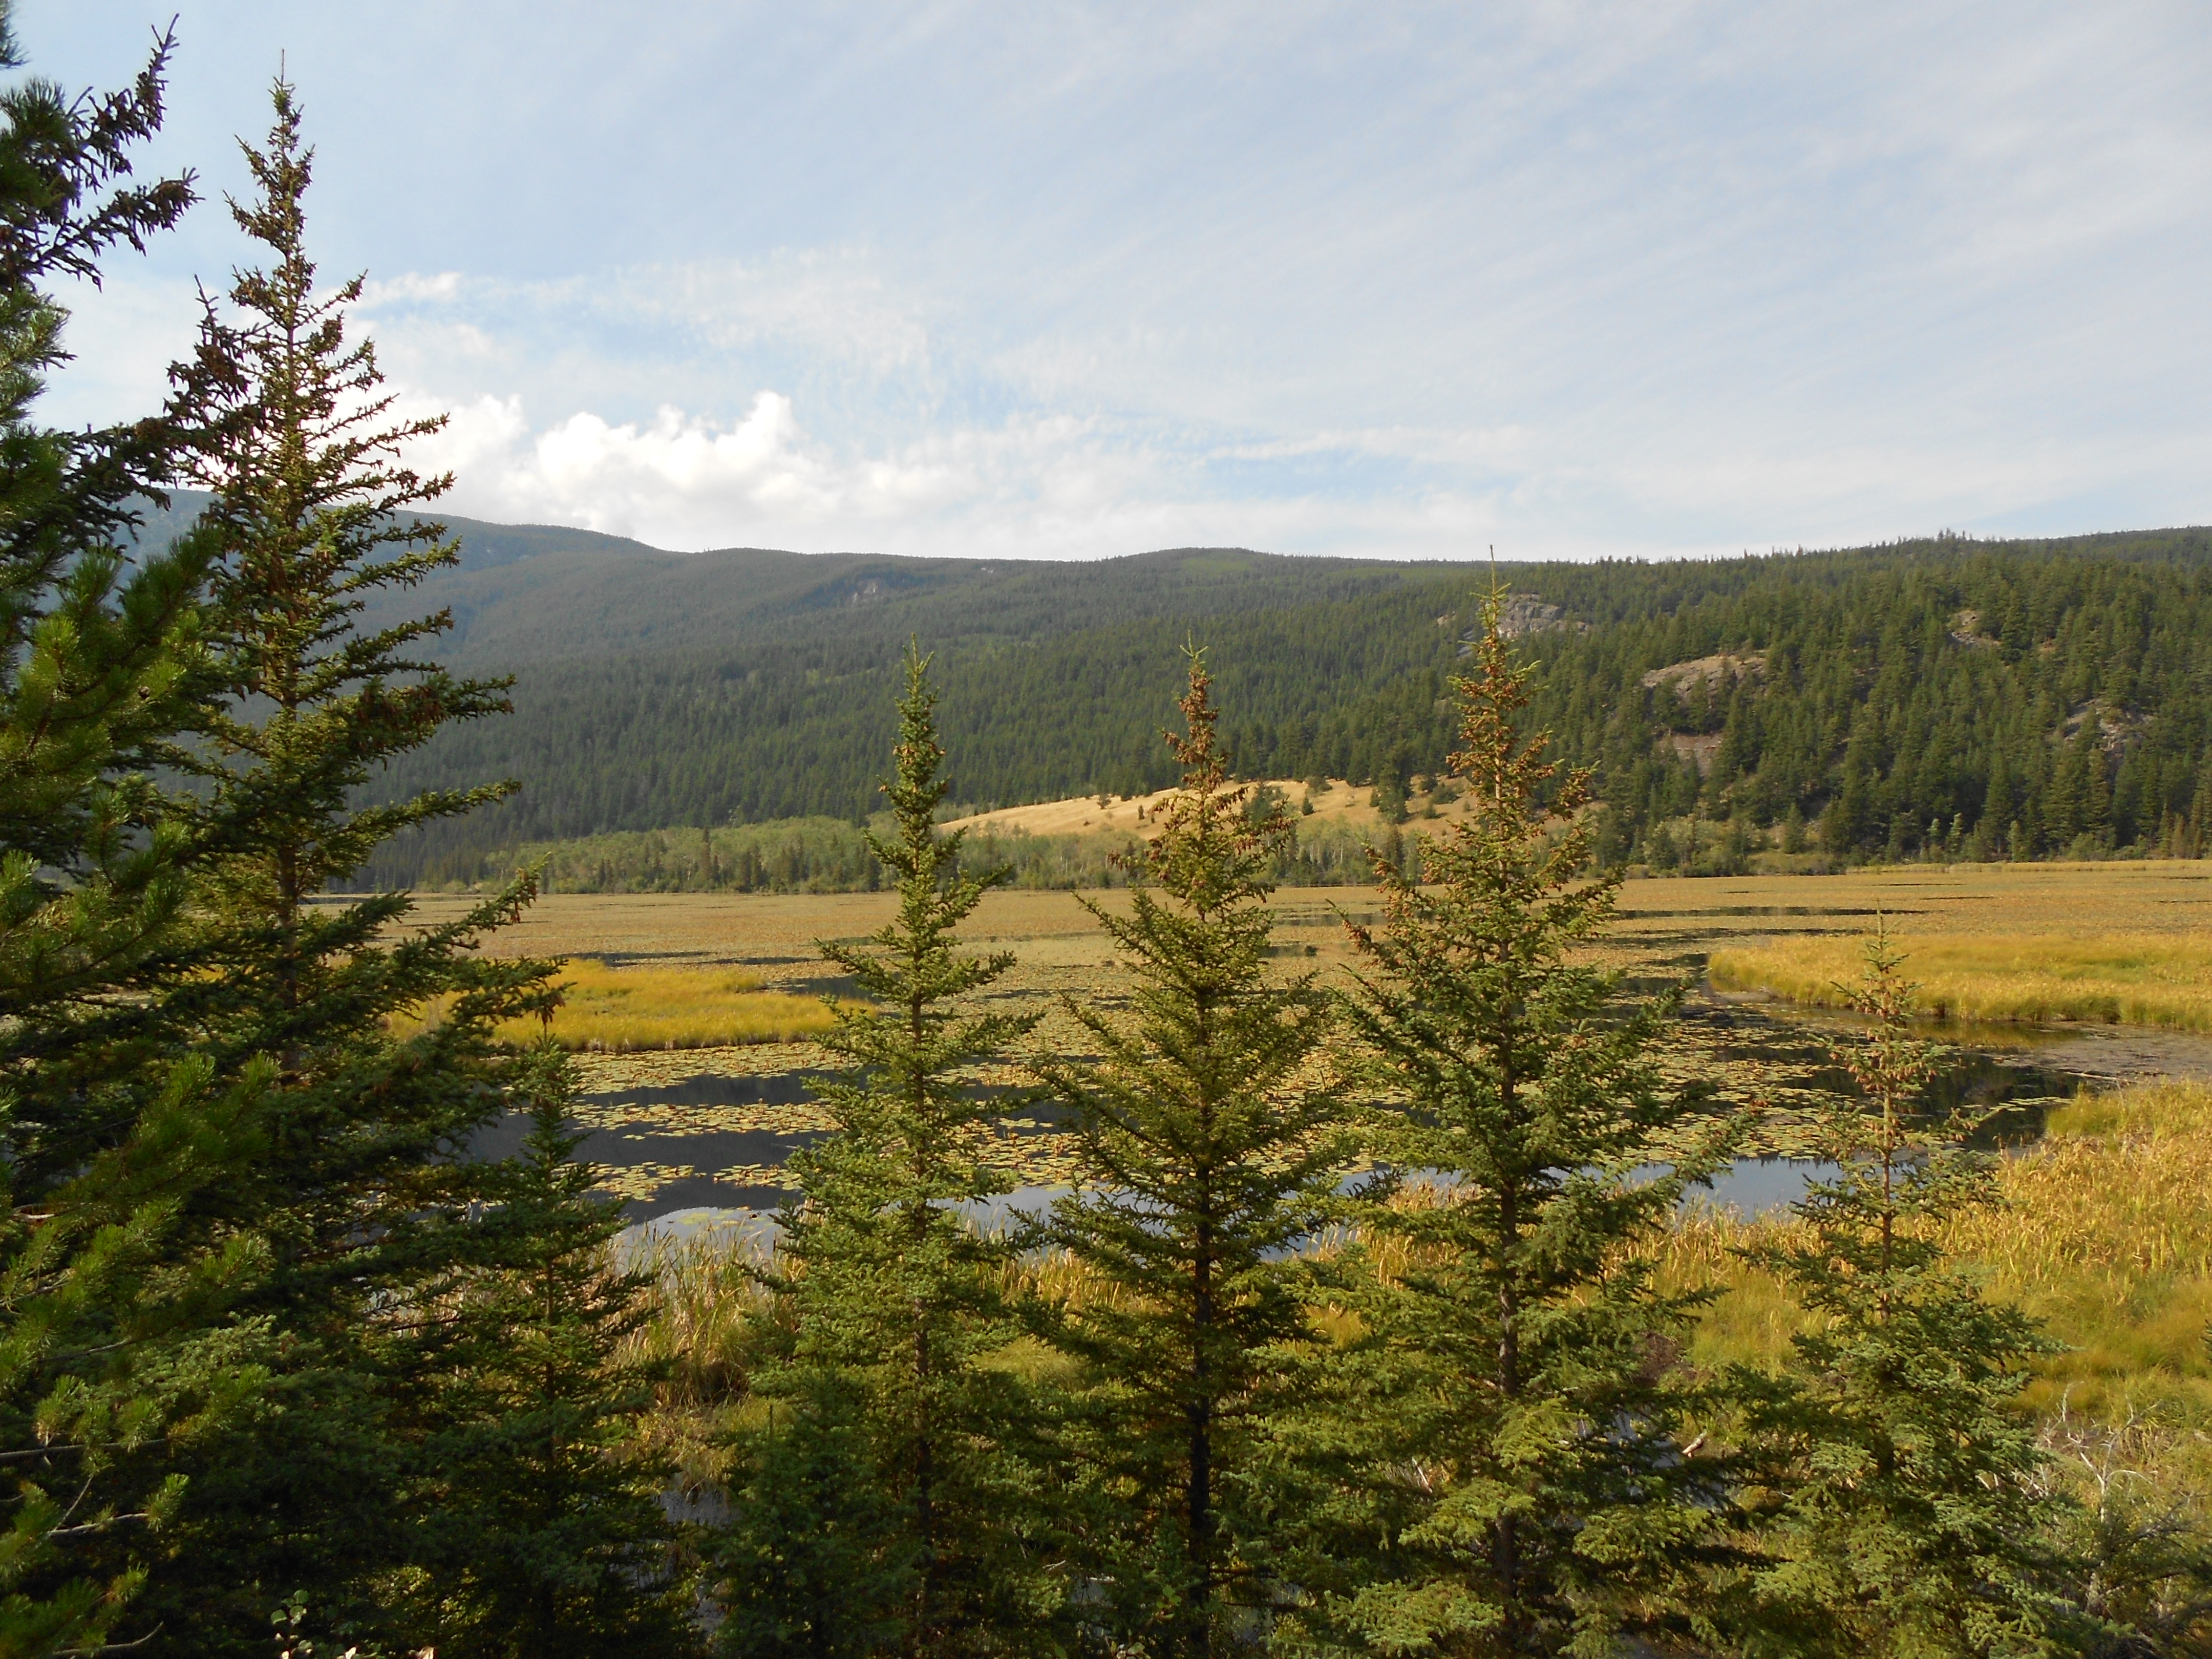 Sapeye - Waterlily Creek Trail